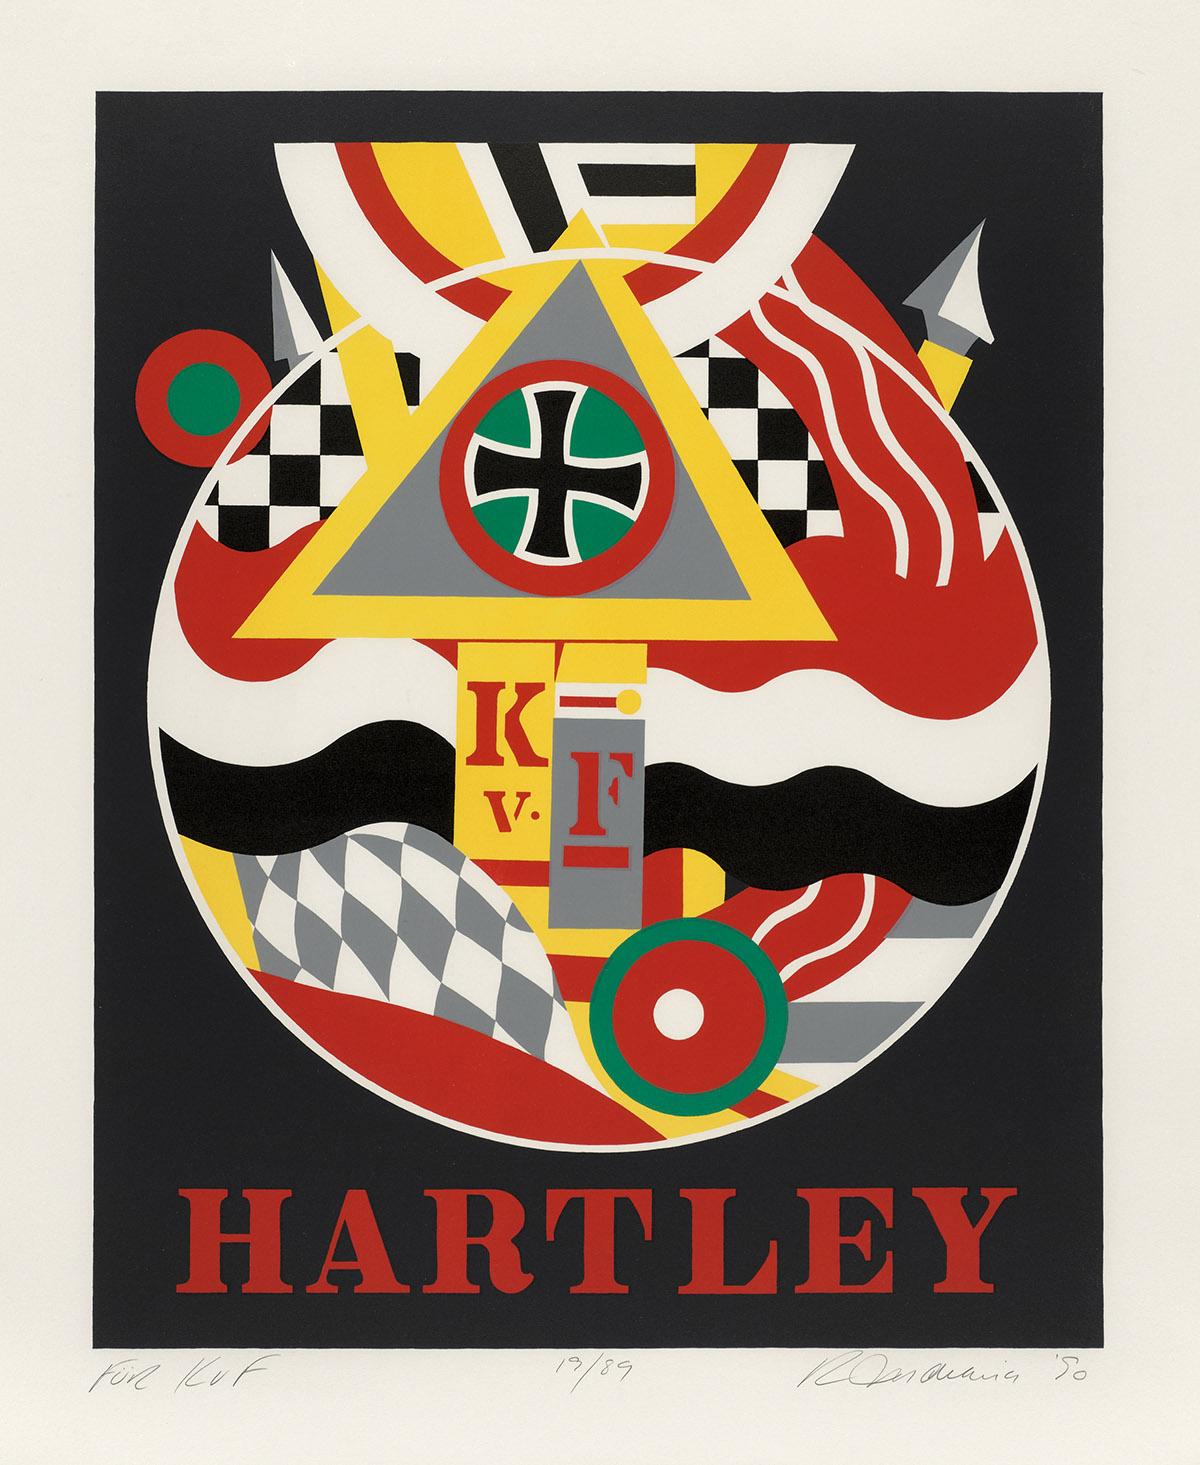 ROBERT INDIANA Hartley Elegies: For KvF.